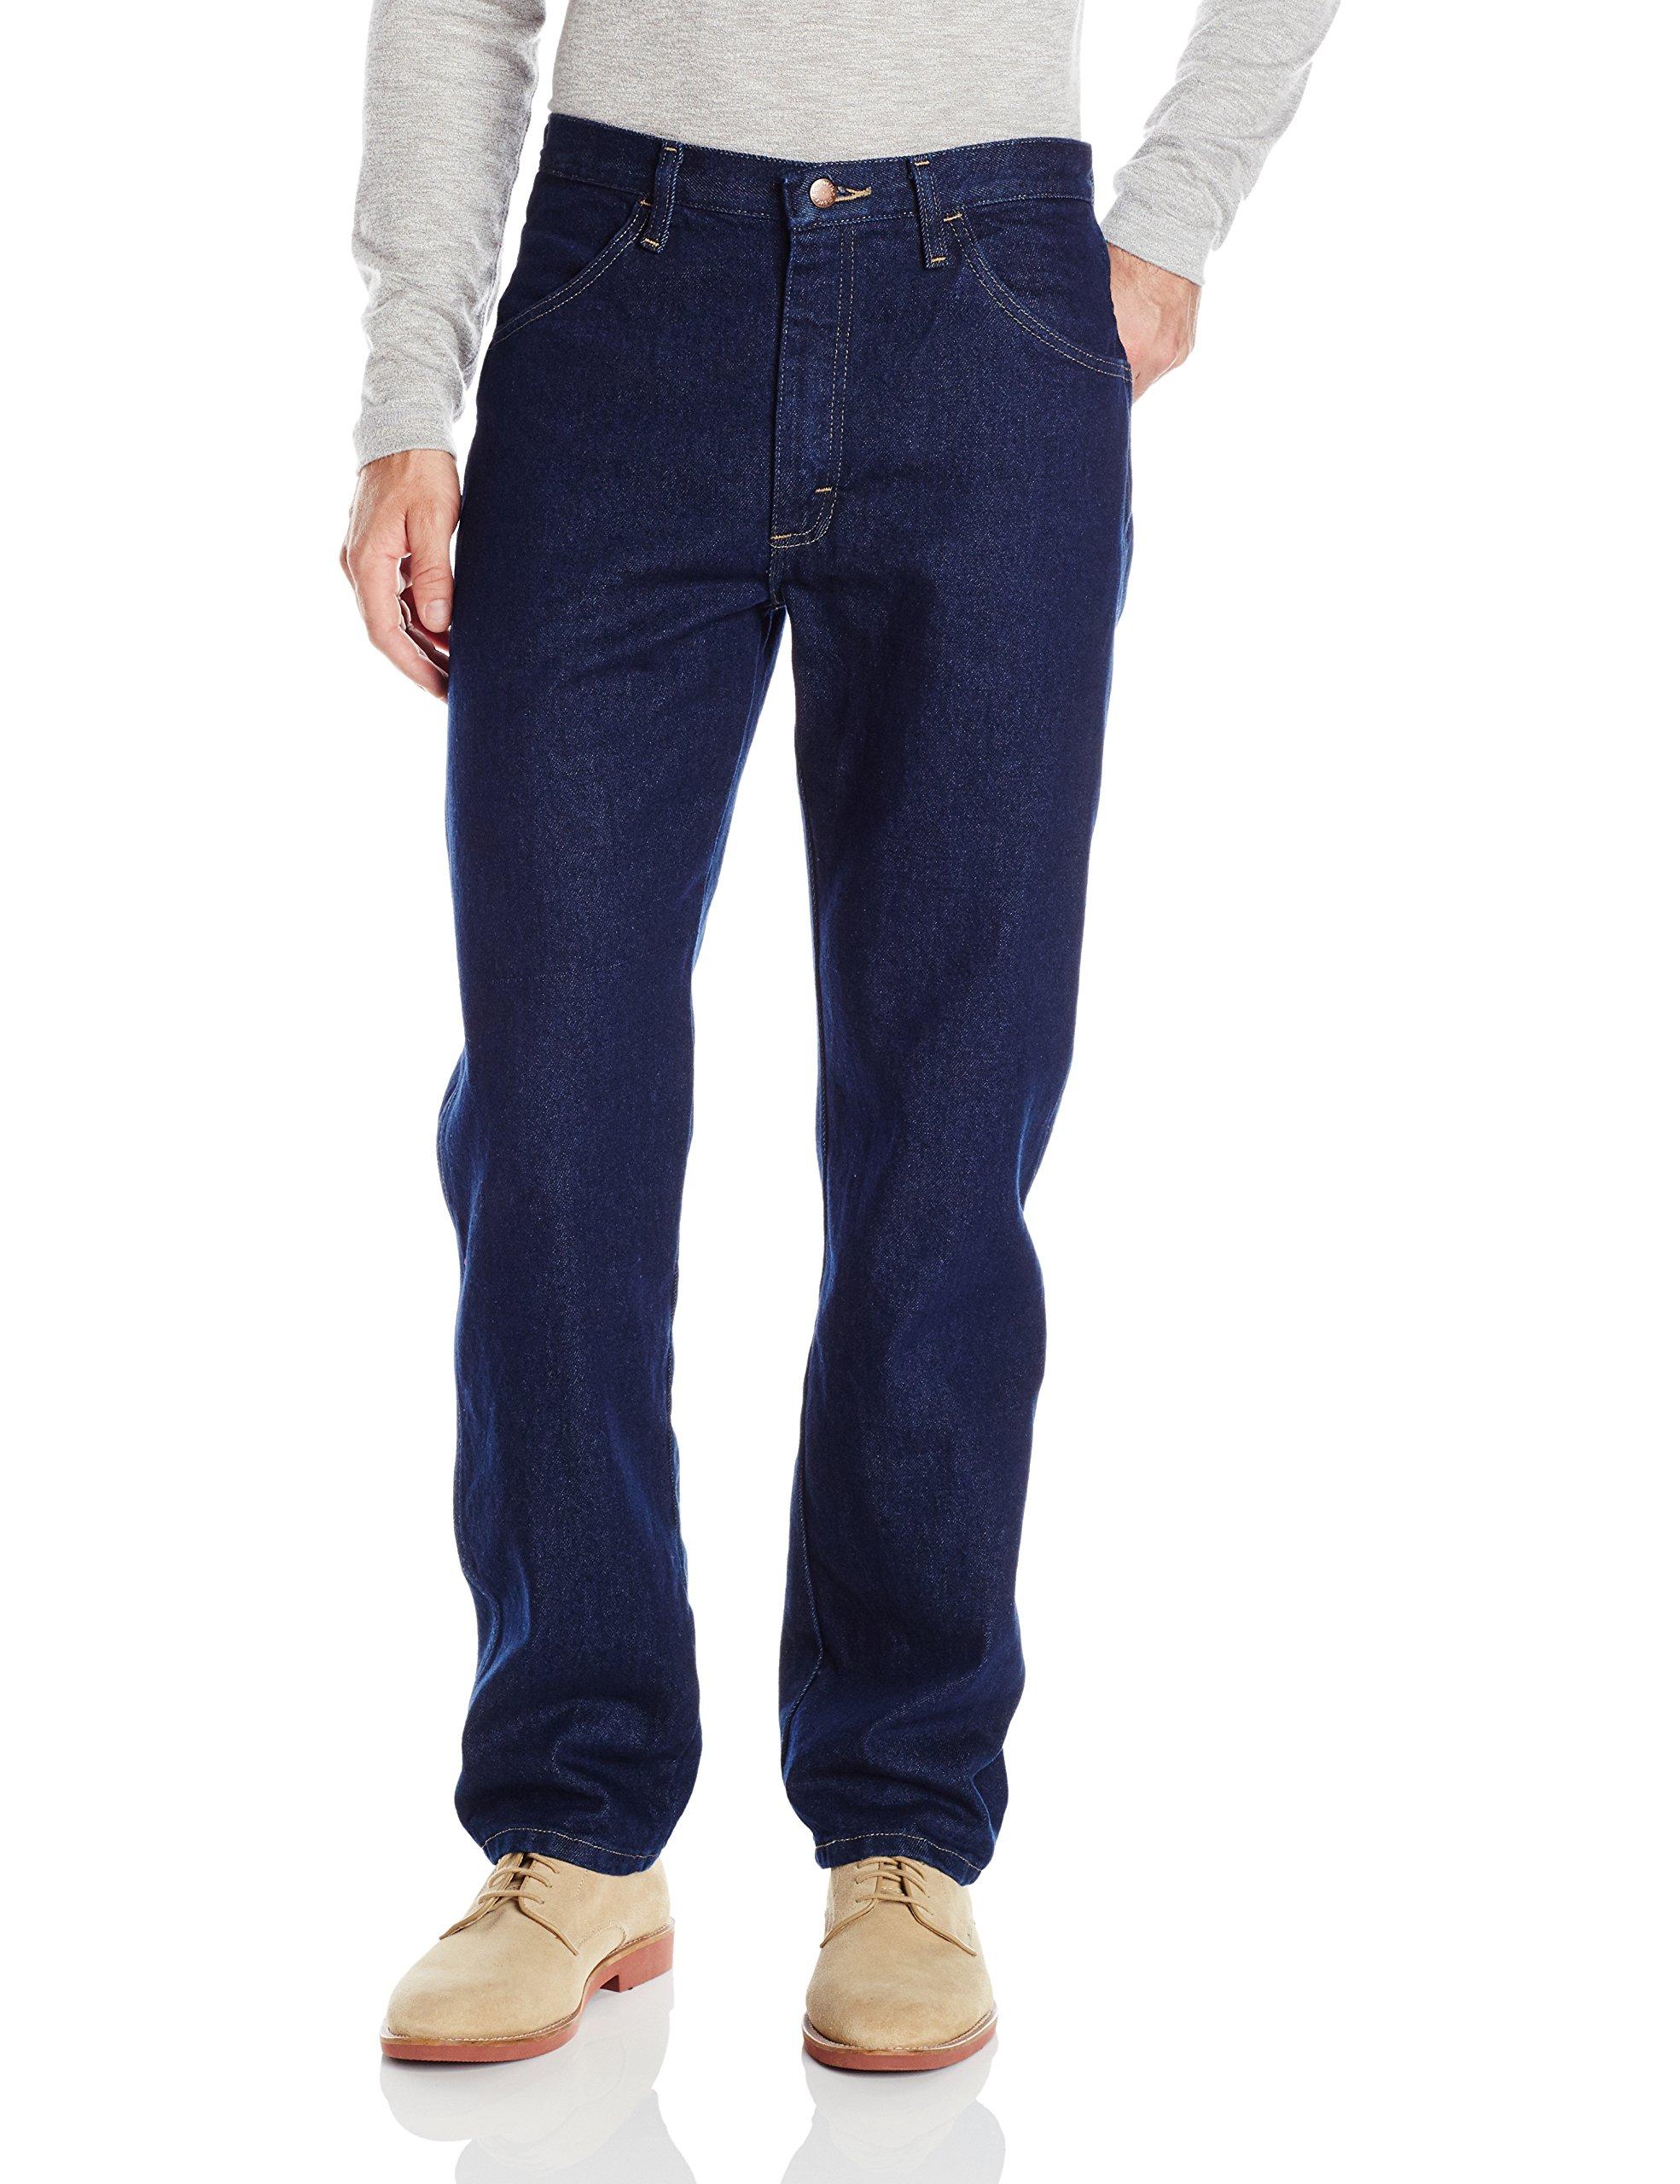 Maverick Men's Regular Fit Jean, Dark Rinse, 36x32 by Maverick